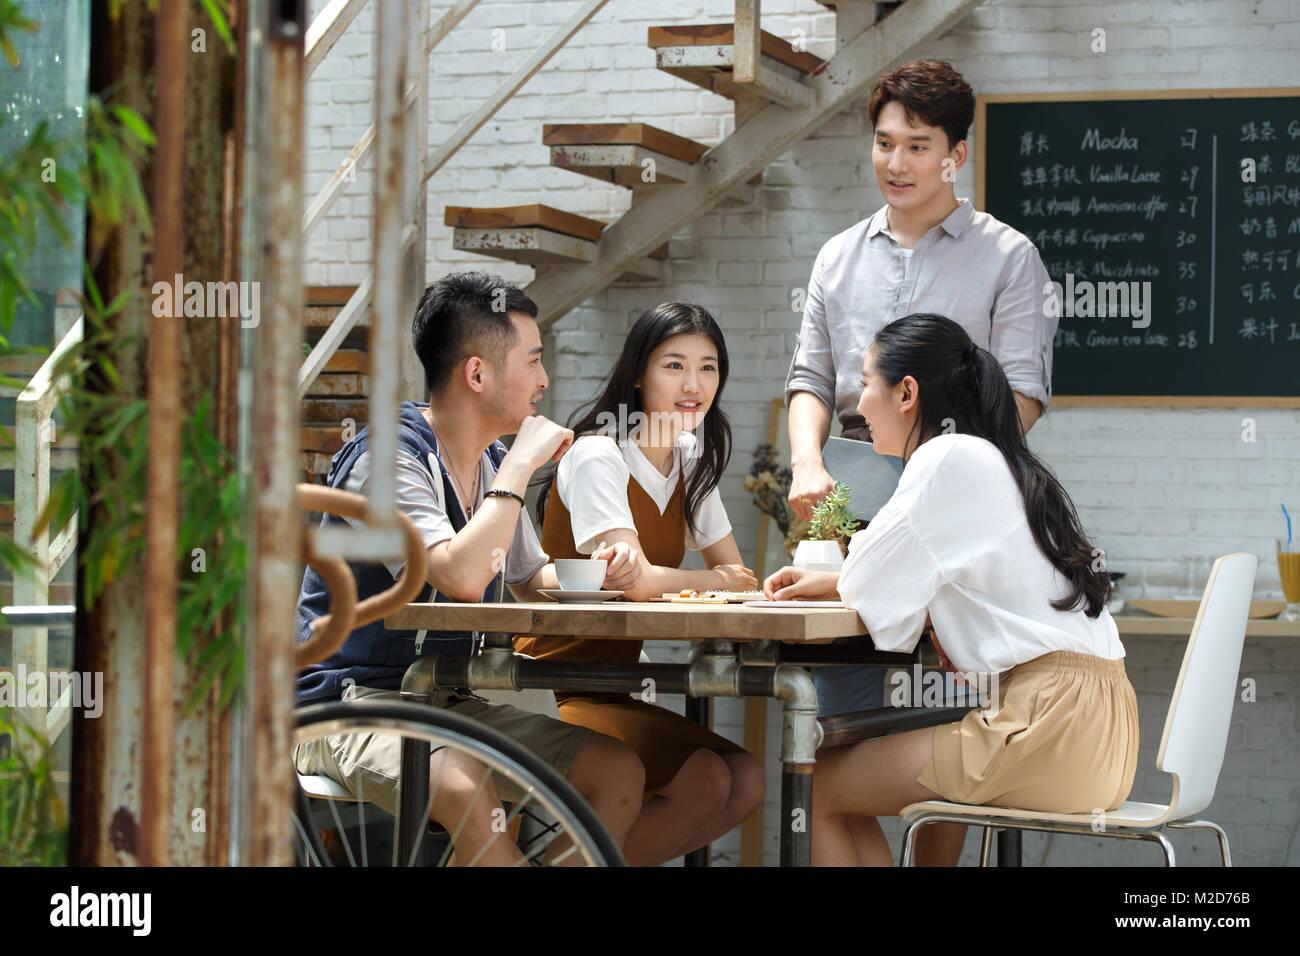 Jugendliche trinken Kaffee Stockbild